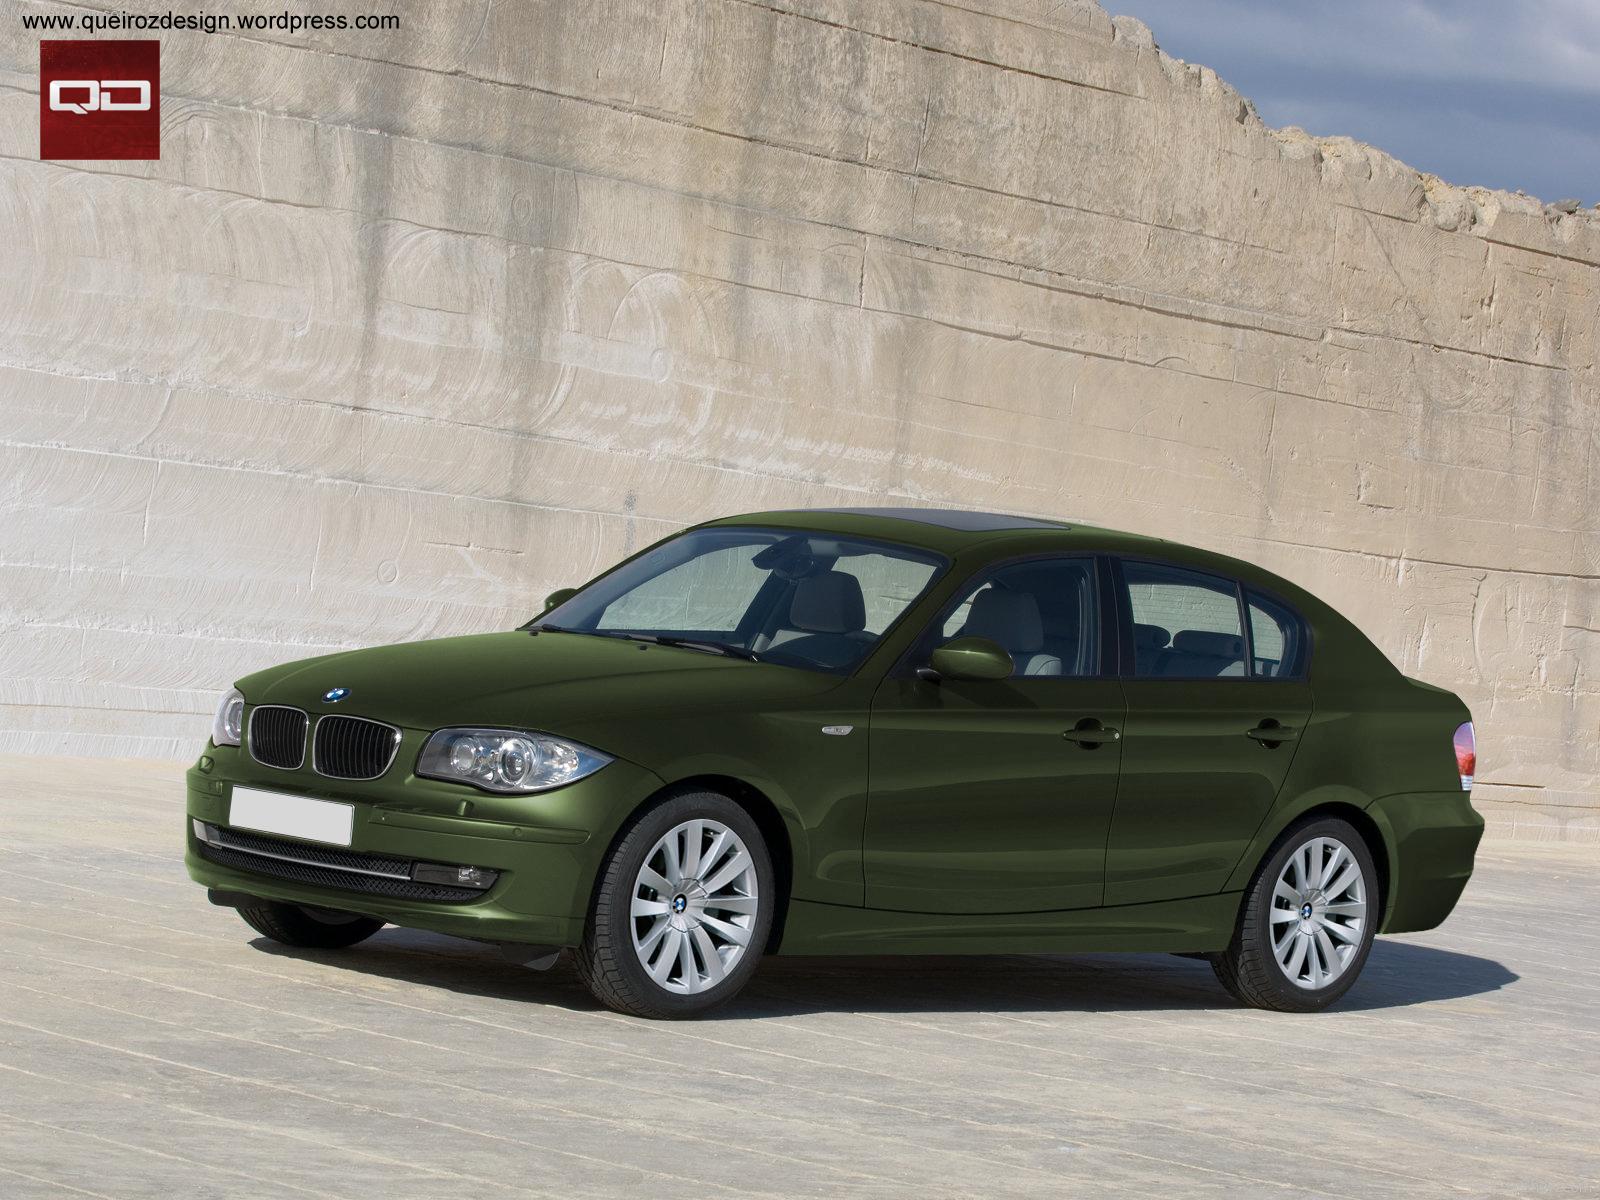 BMW 118i Sedan - Clique na Imagem para Ampliar